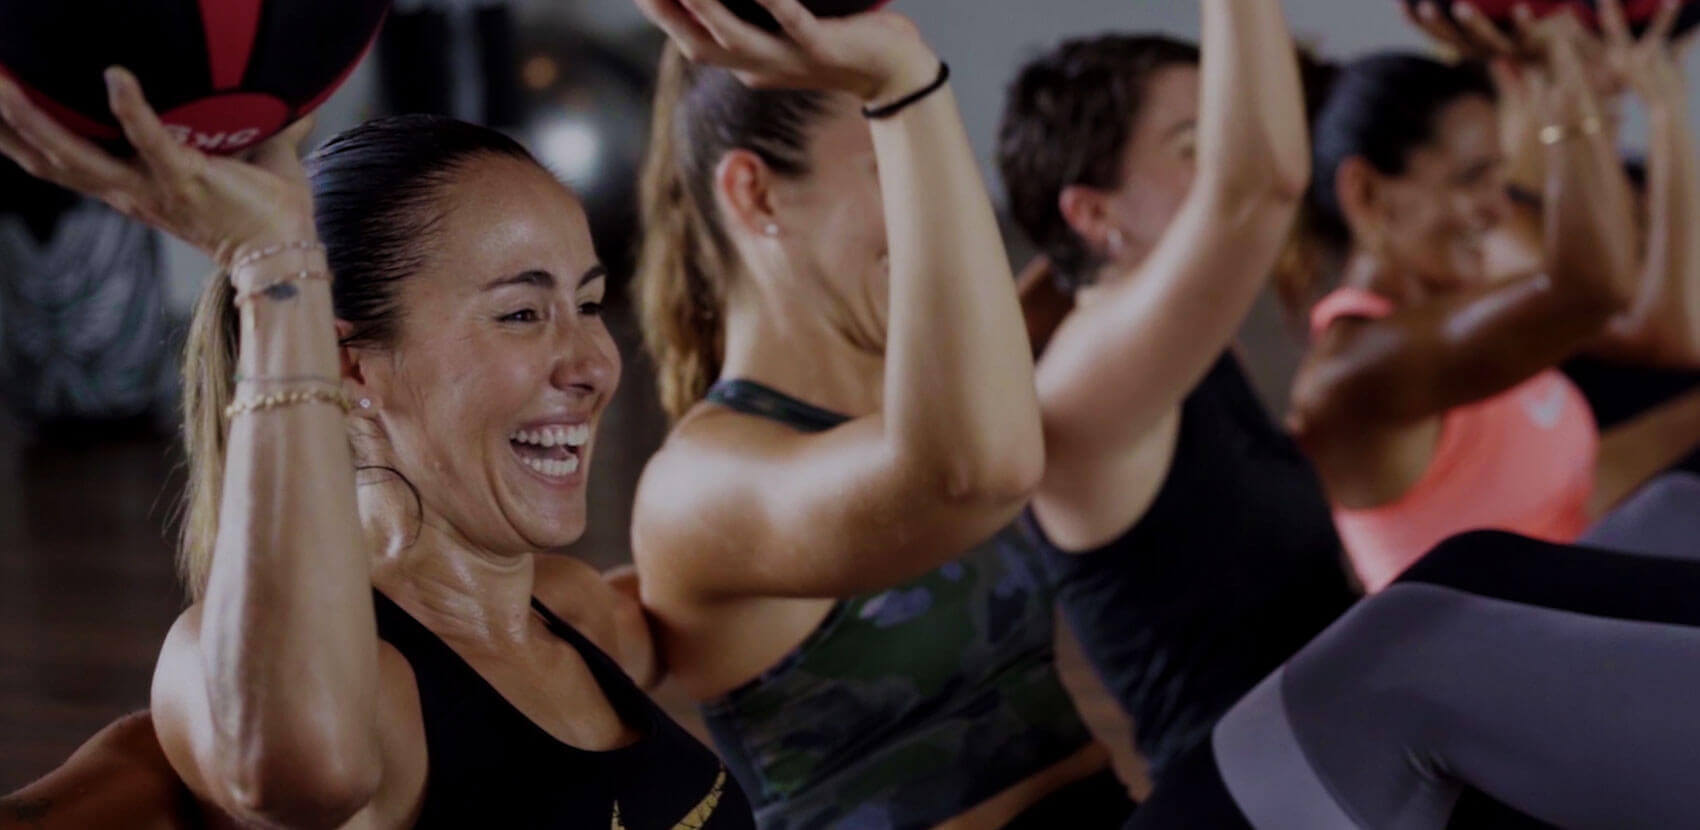 Mujer sonriente y sudada agarra una pelota medicinal y practica entrenamiento funcional